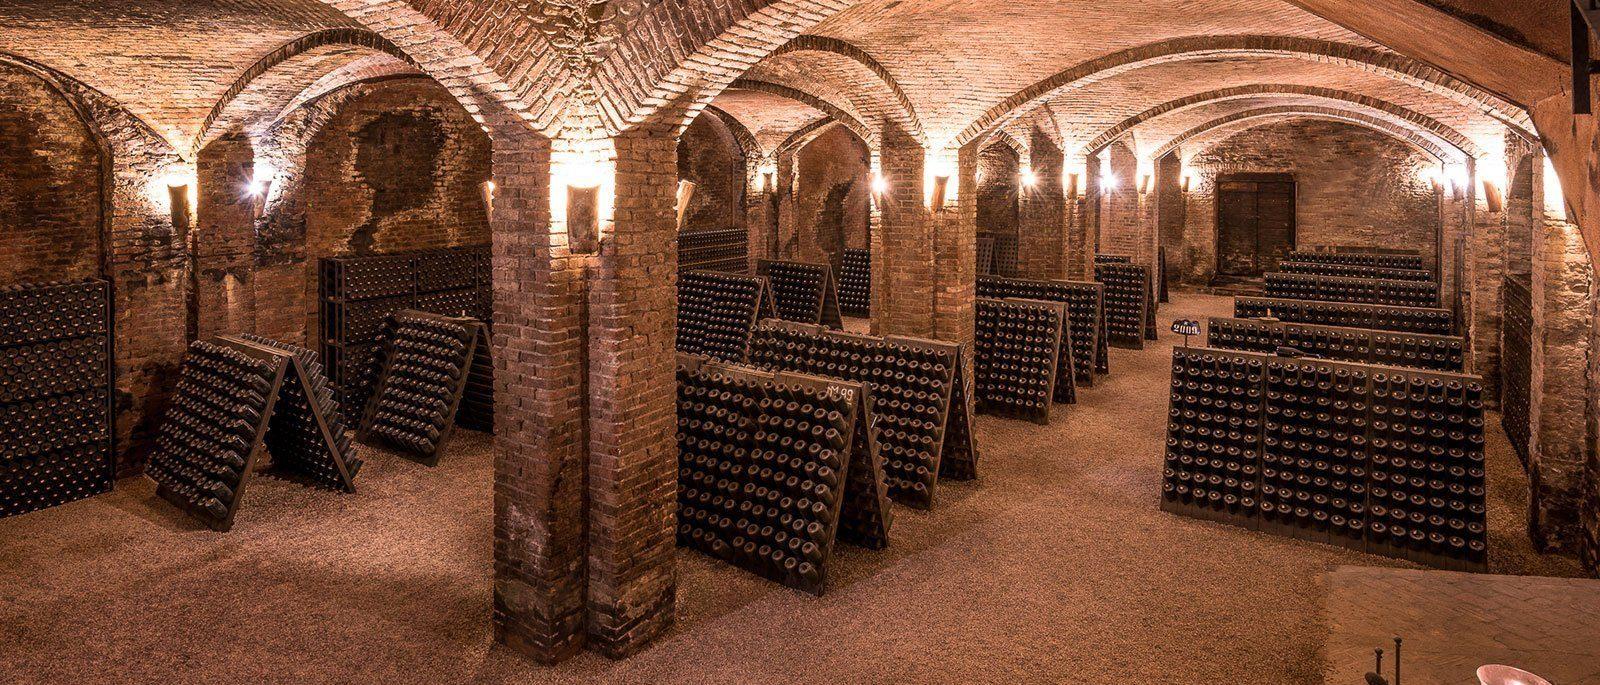 Le cattedrali sotterranee di Canelli - Alta Langa Docg